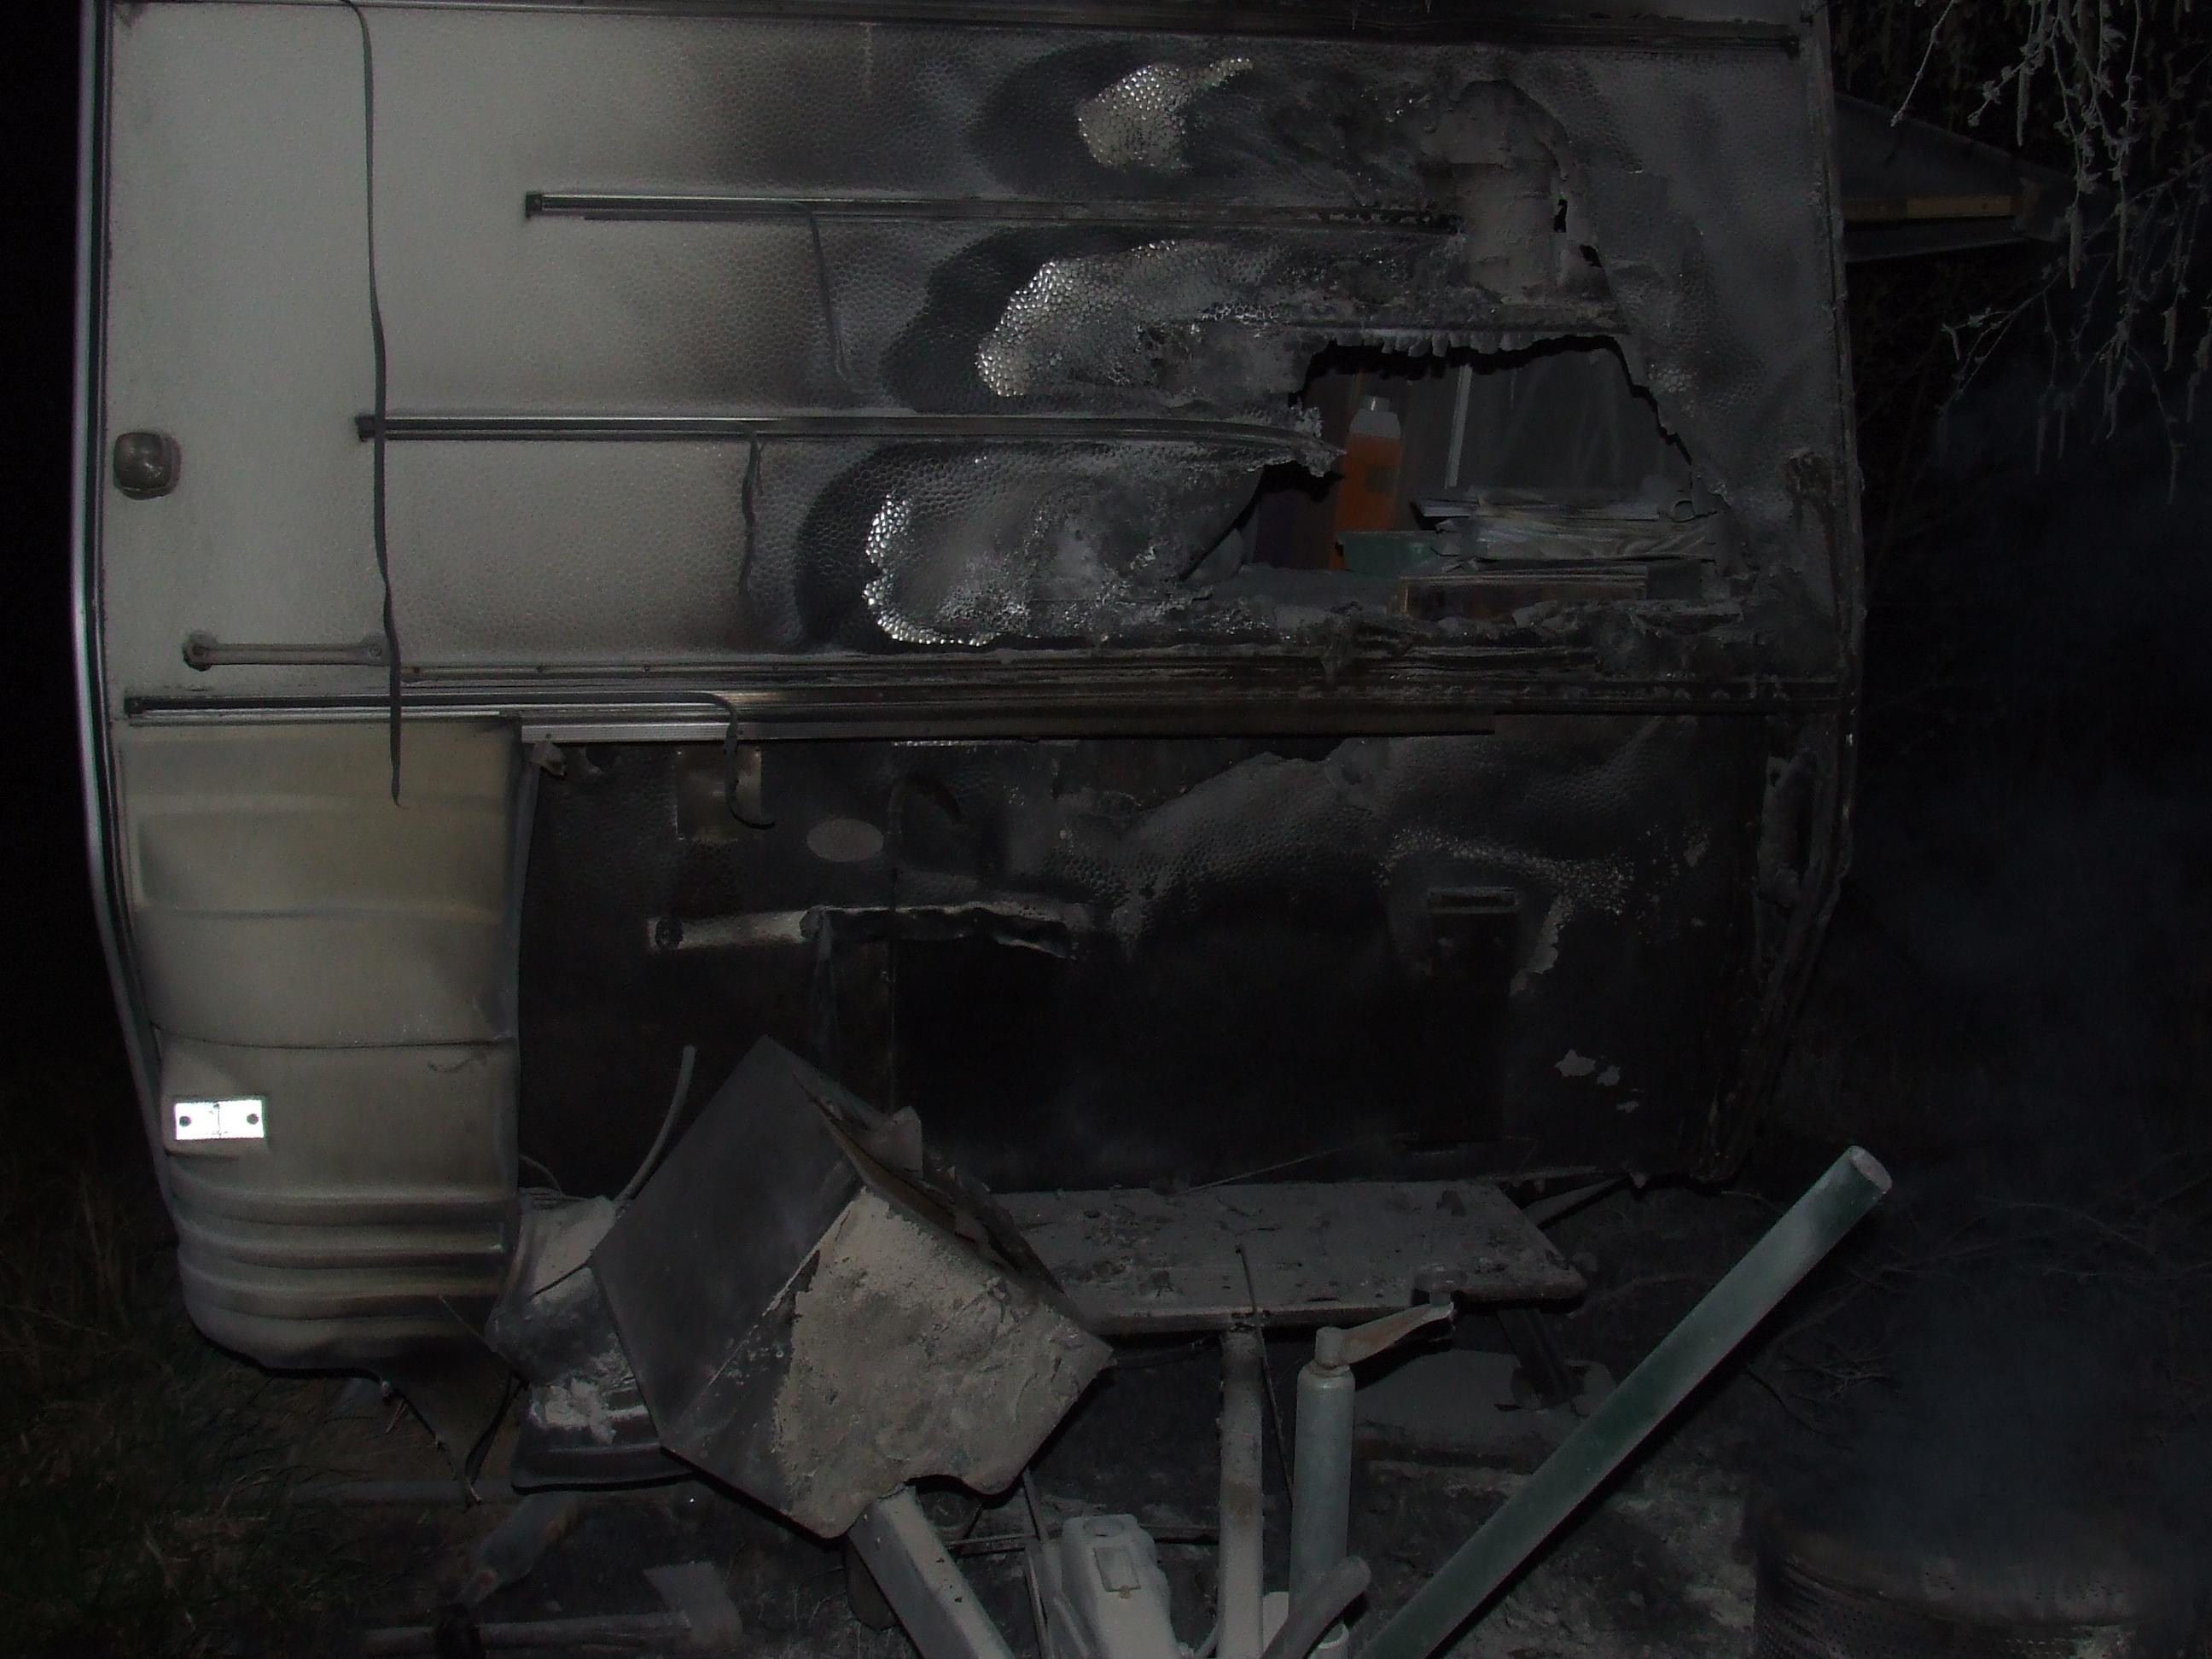 Wohnwagen nach dem Brandanschlag